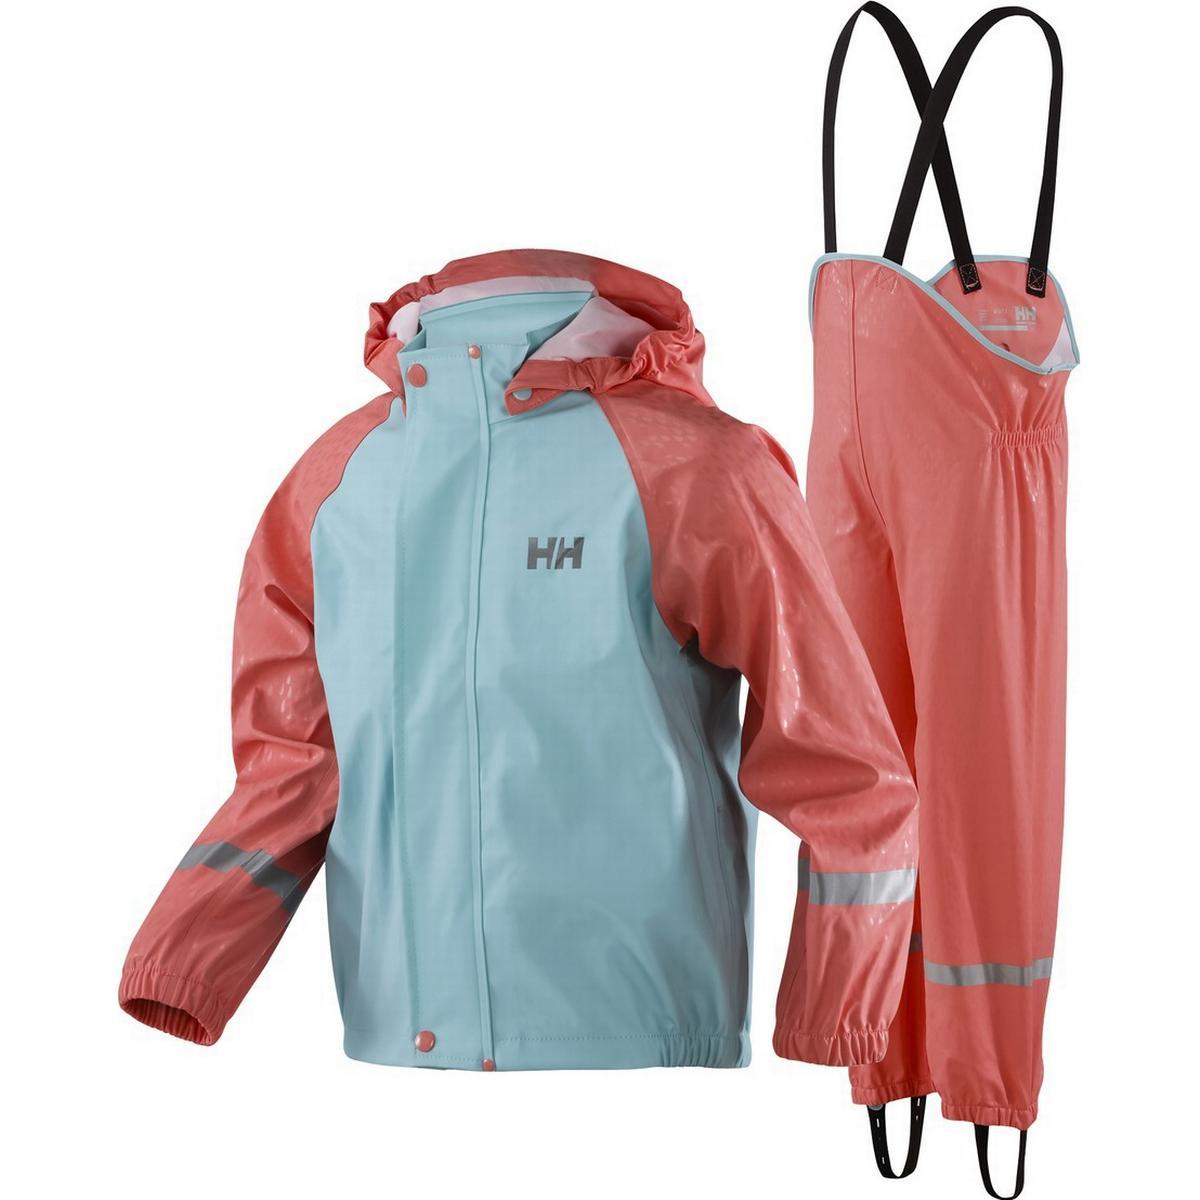 7b4b1e83 Helly Hansen Barnkläder - Jämför priser på PriceRunner